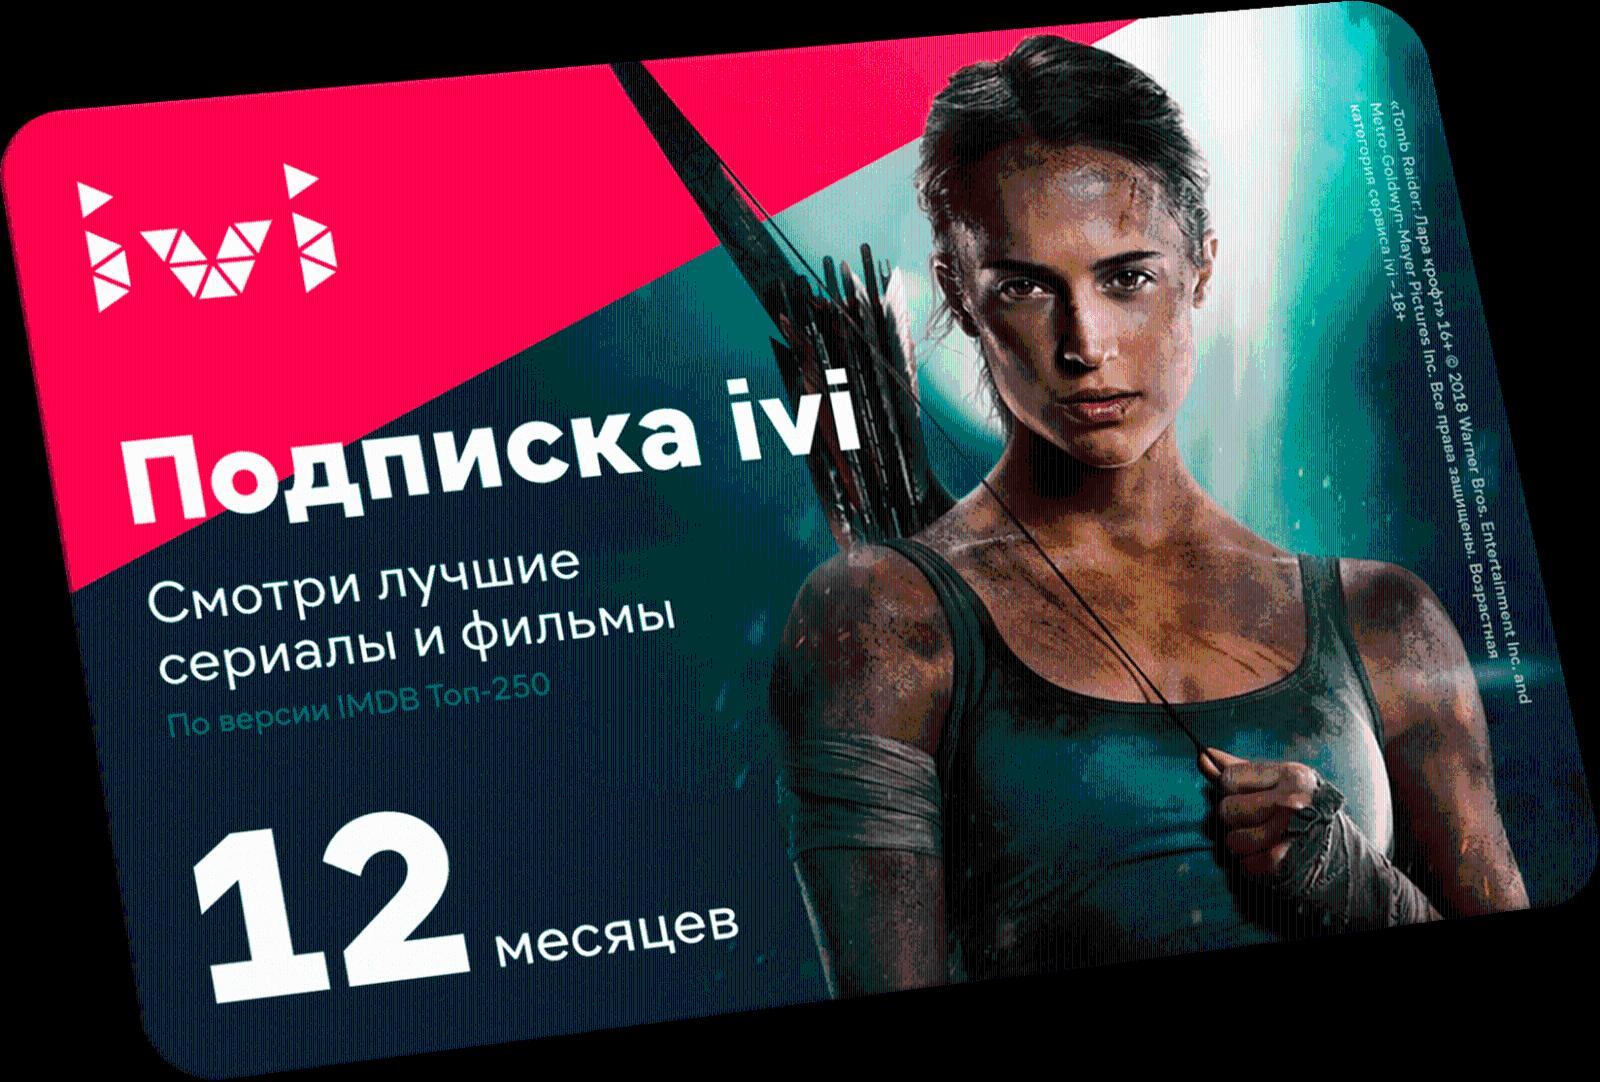 В последний момент: новогодние подарки от 399 рублей, которые вы еще успеете купить